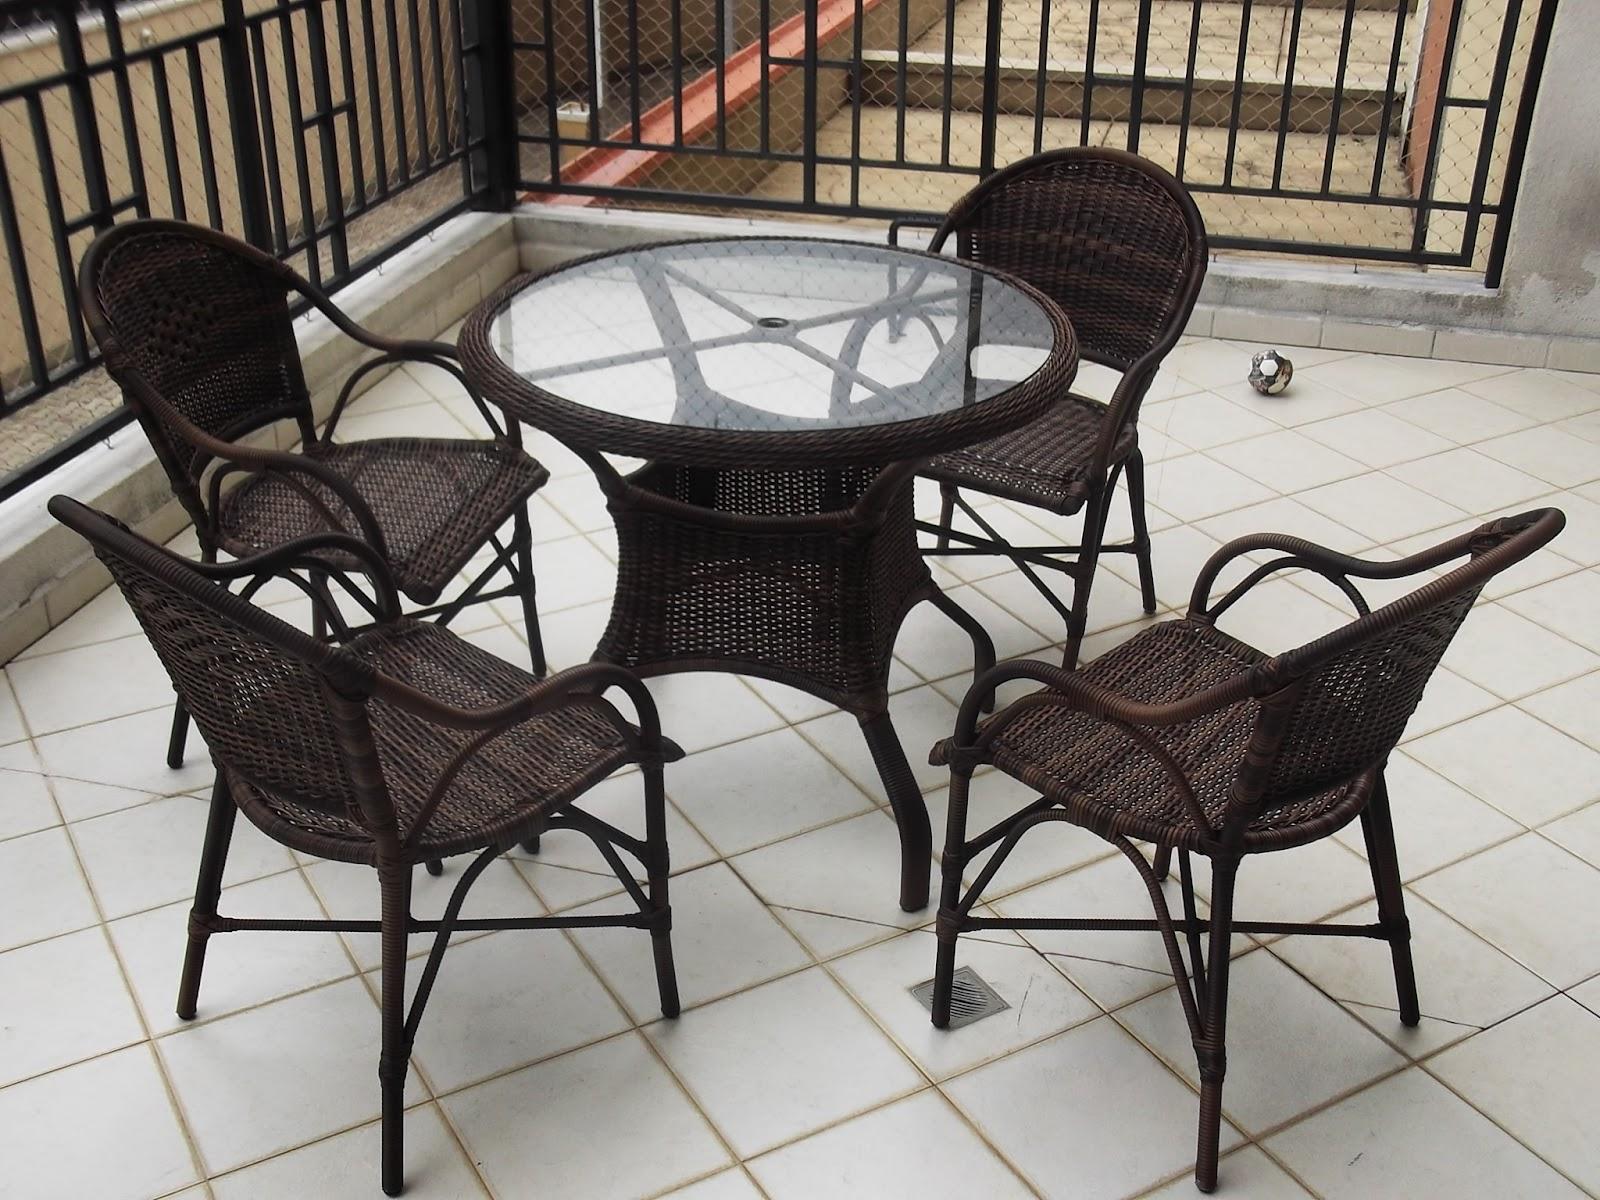 Móveis De Fibra Sintética Varanda De Apartamento Piscina E Jardim #7A6751 1600x1200